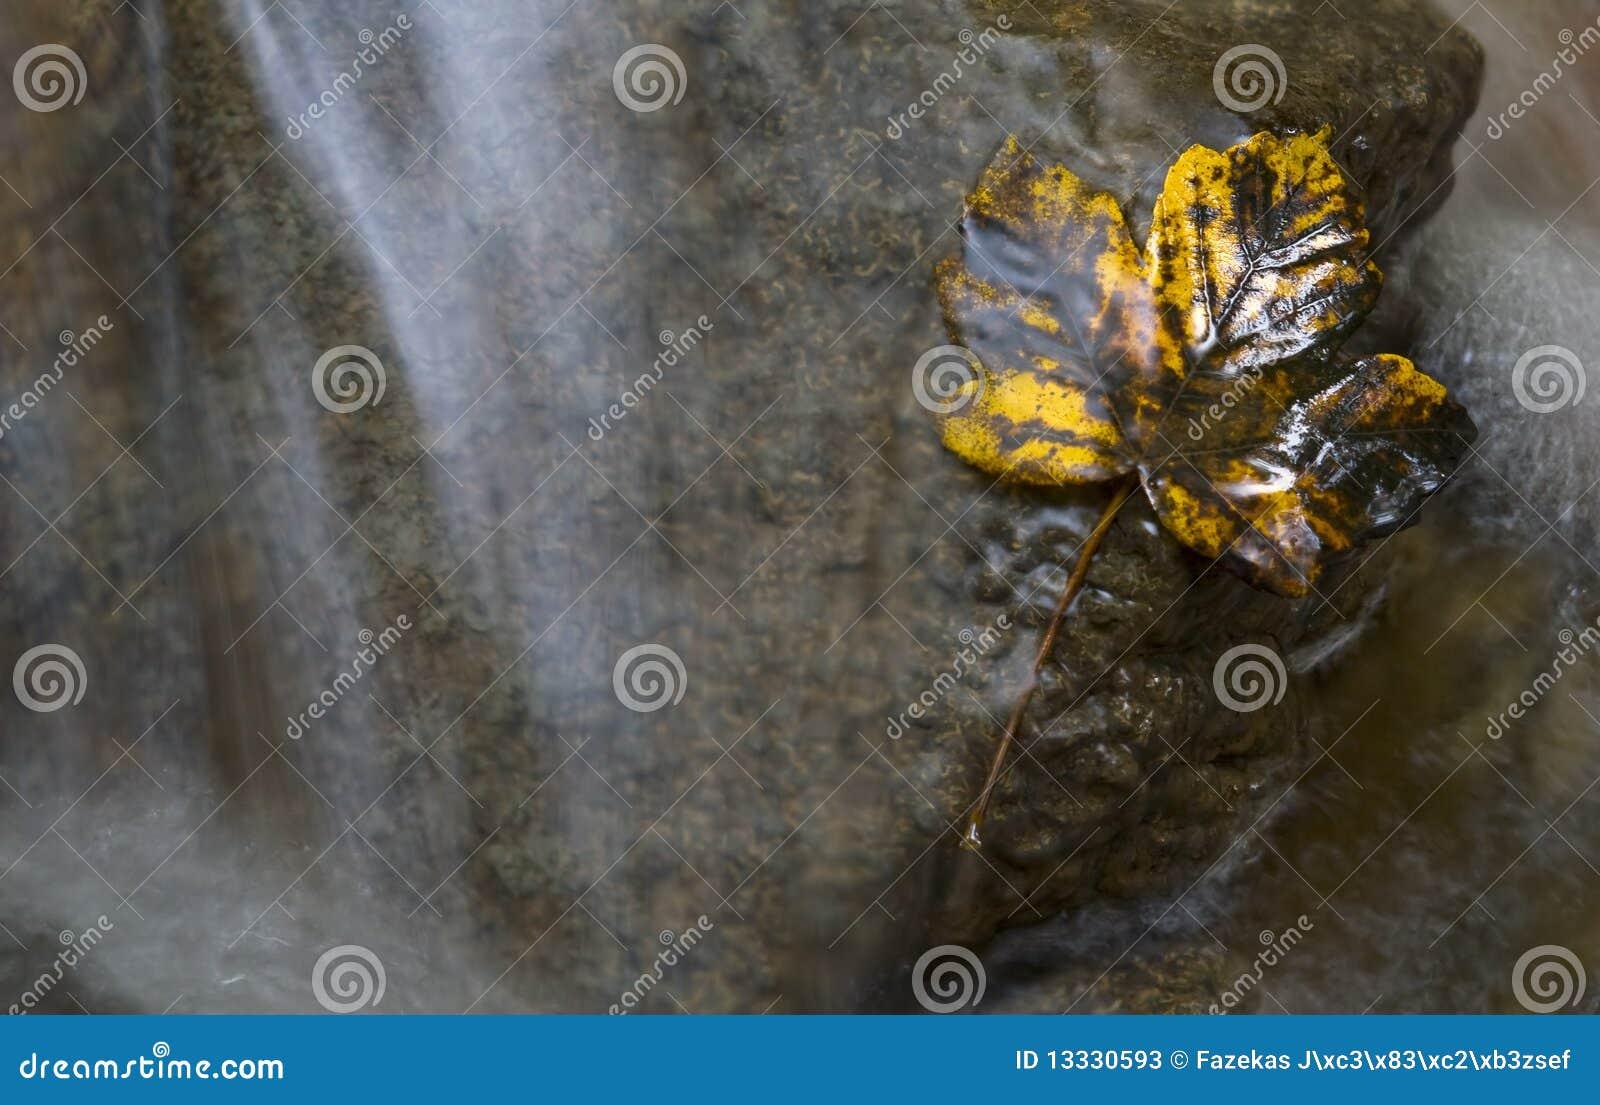 Jesień strumyka liść kolor żółty